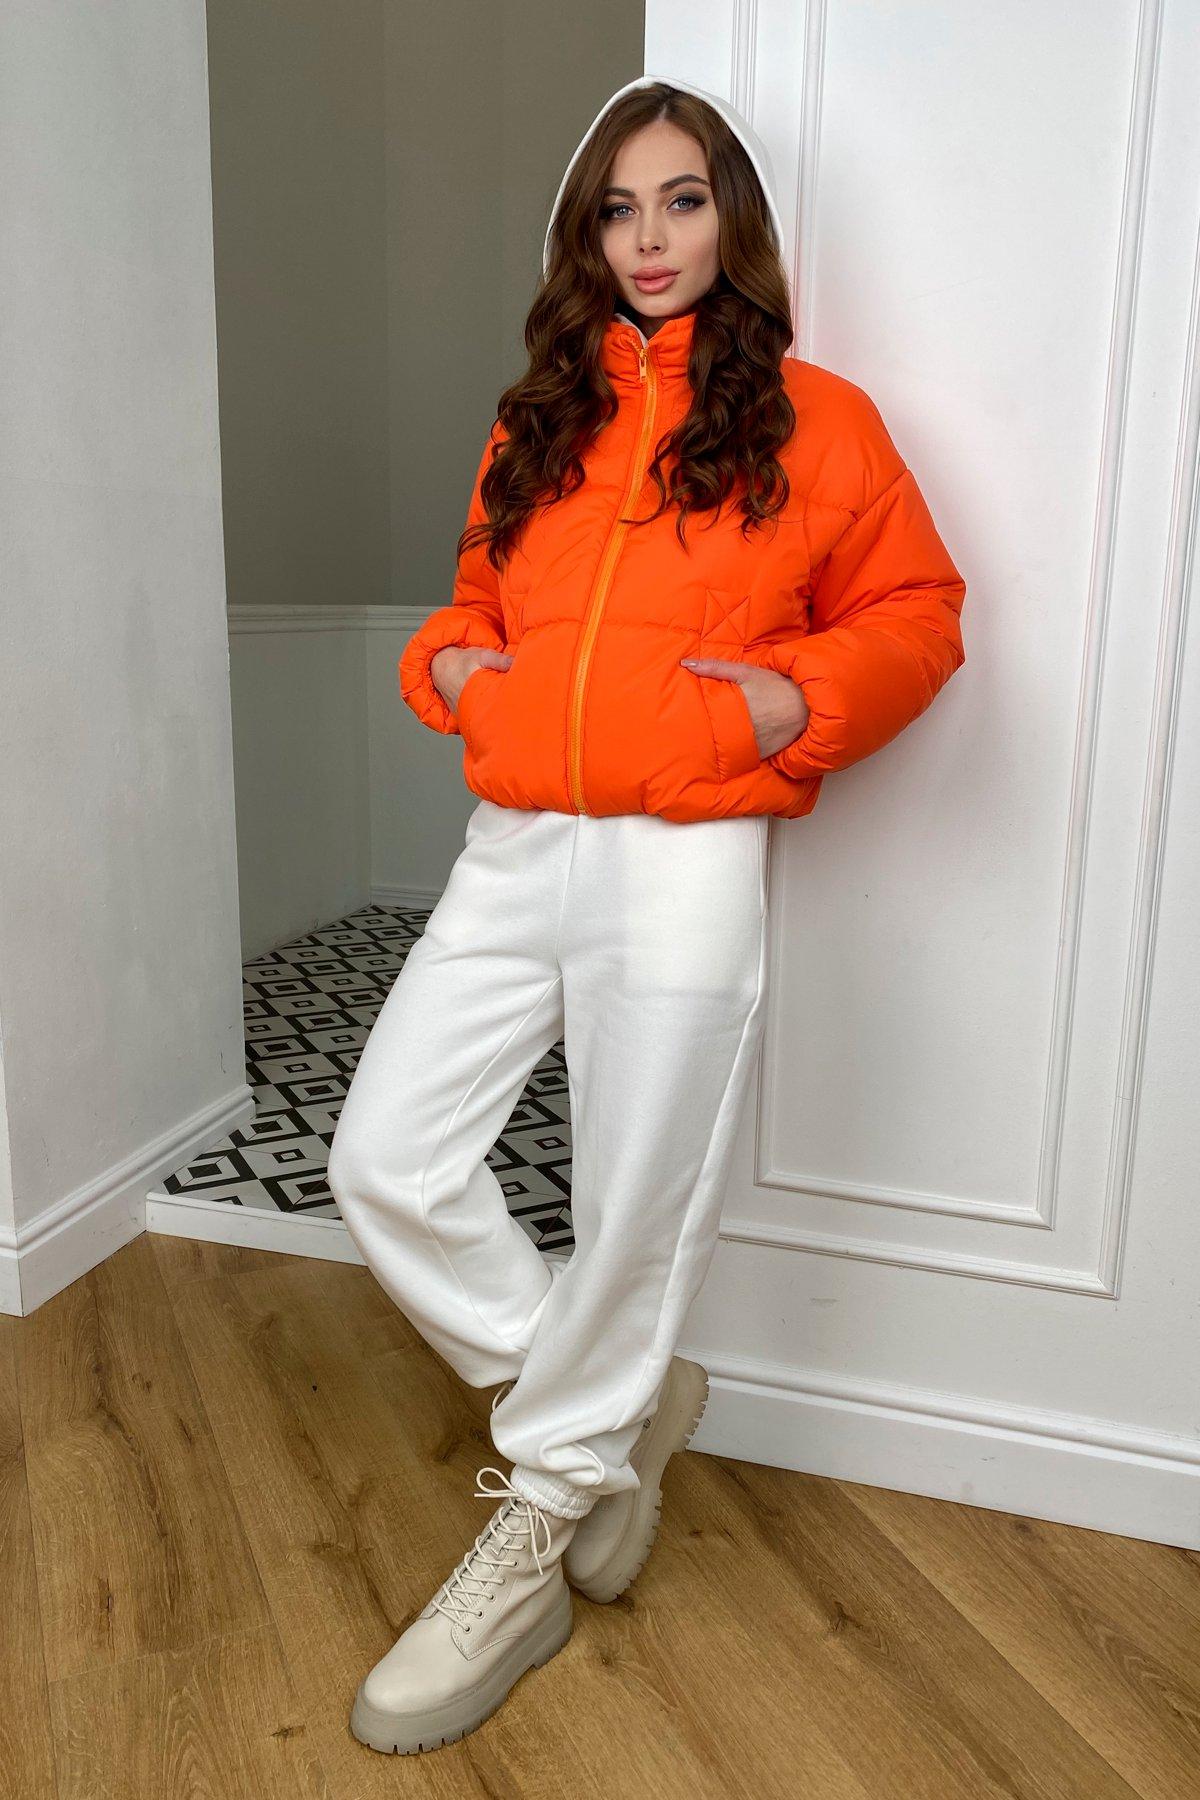 Драйв куртка из плащевой ткани 10448 АРТ. 46766 Цвет: Оранжевый 788 - фото 5, интернет магазин tm-modus.ru